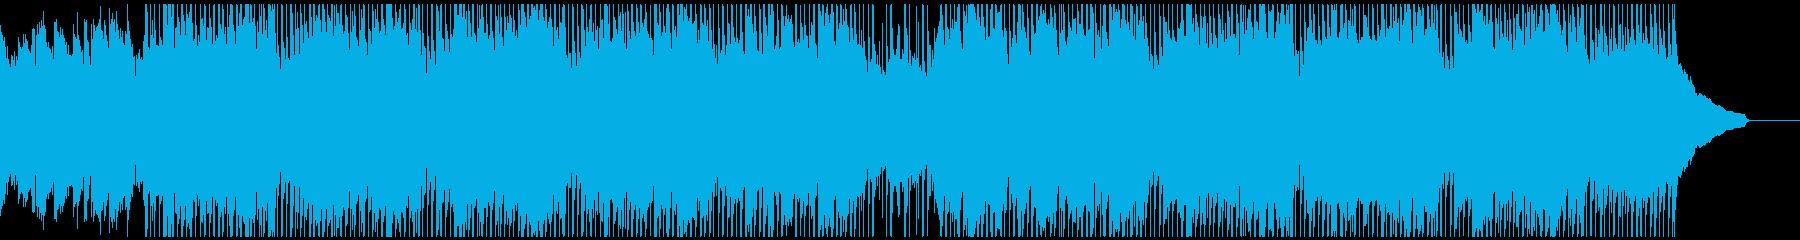 ものすごく集中したい時に流れる曲の再生済みの波形